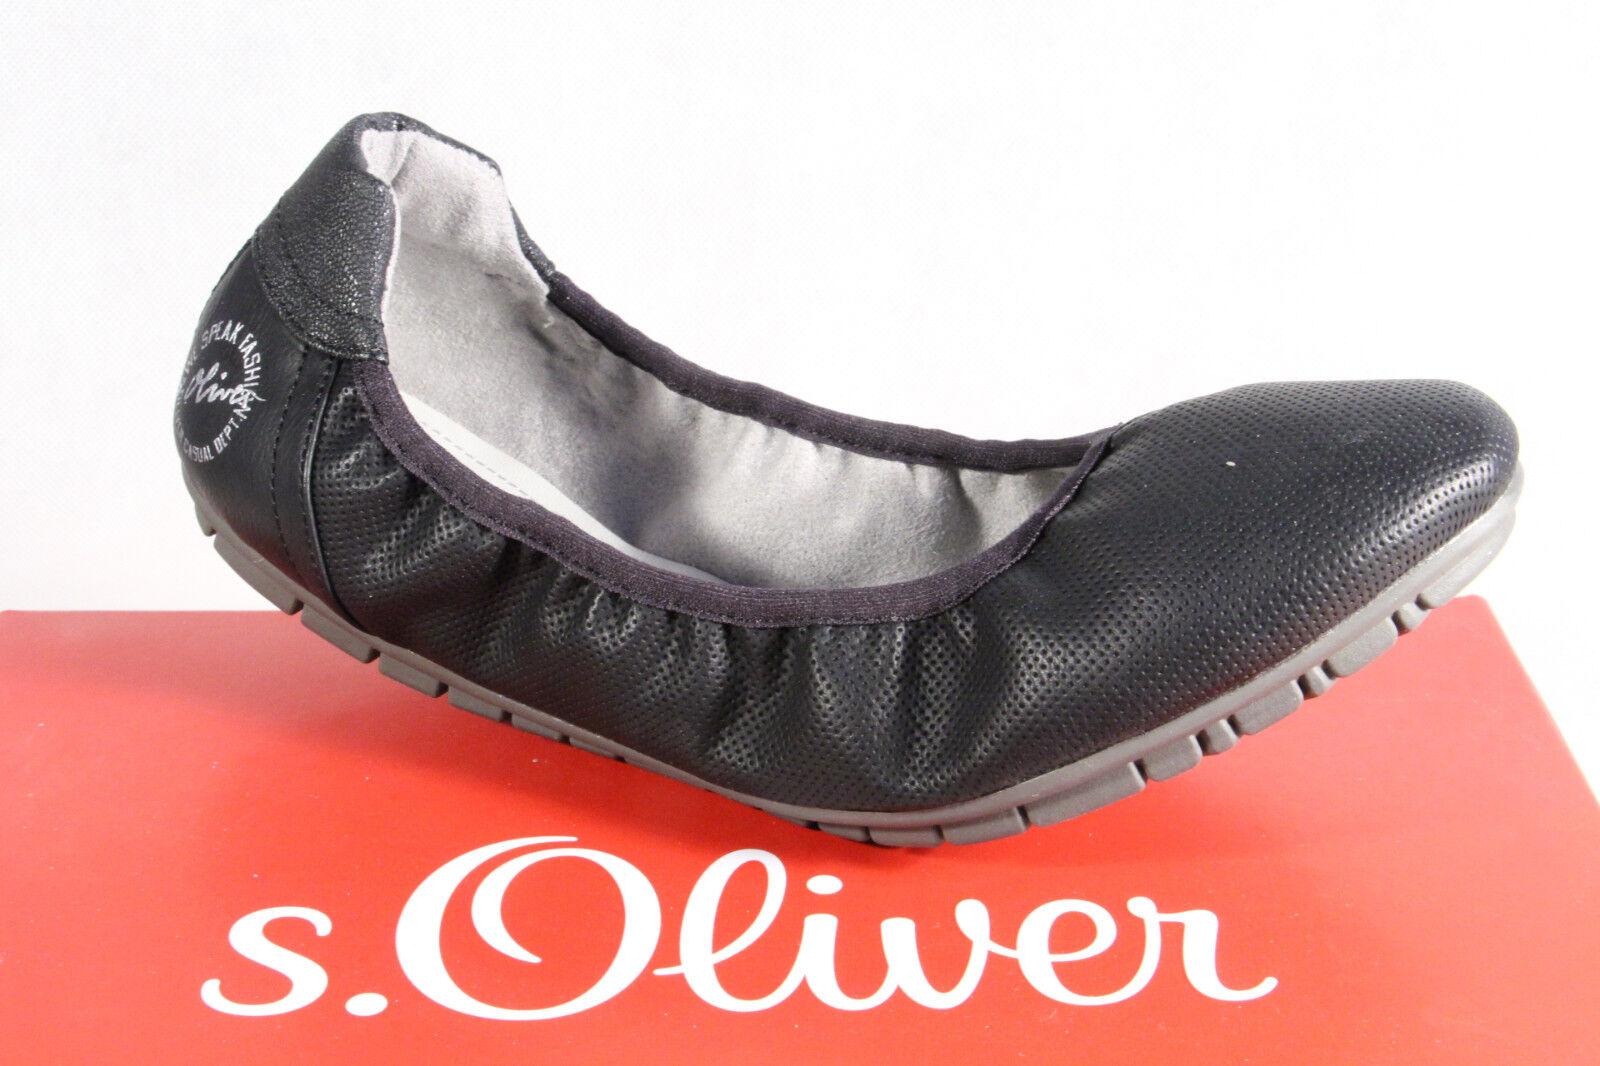 vendita calda online S.Oliver S.Oliver S.Oliver Pantofole di Ballerina scarpe da ginnastica Décolleté Nero Nuovo  edizione limitata